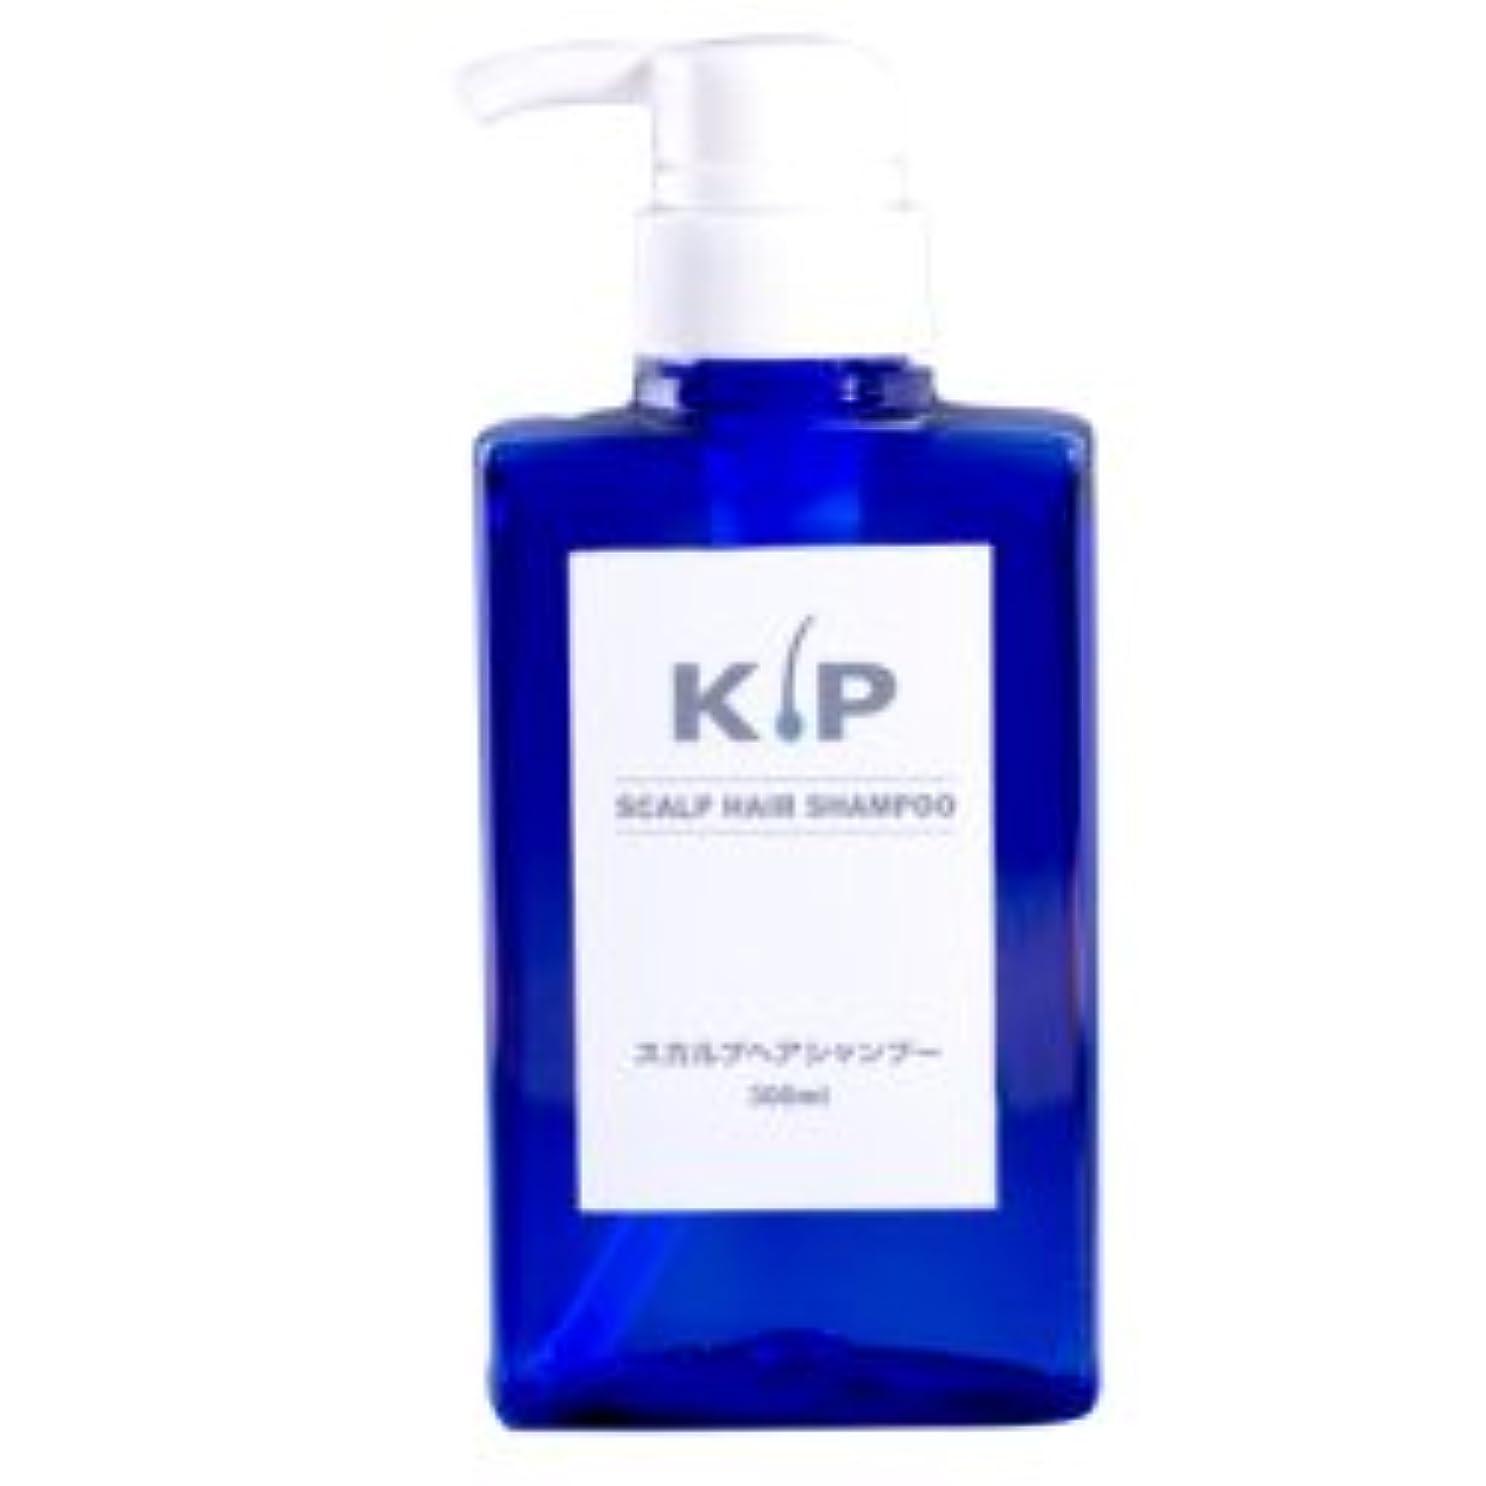 スポンジ相互満足させるKIP スカルプヘア シャンプー 300mL